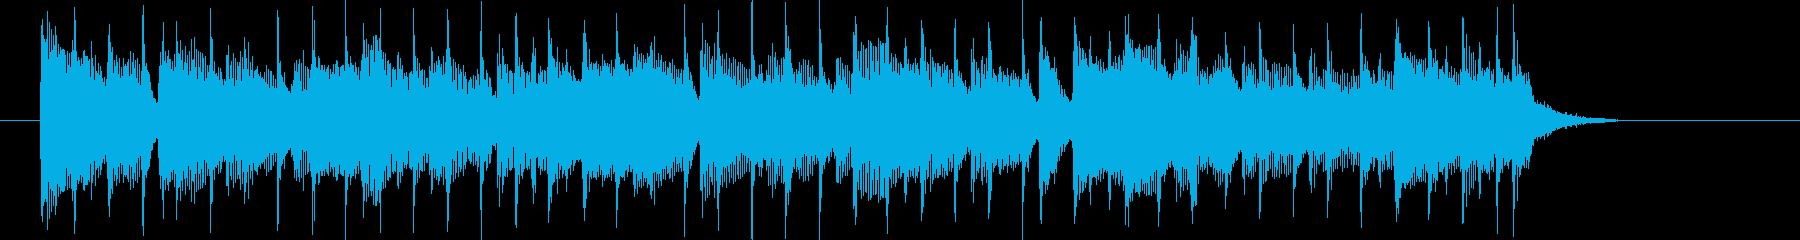 緩やかでリズミカルなシンセジングルの再生済みの波形